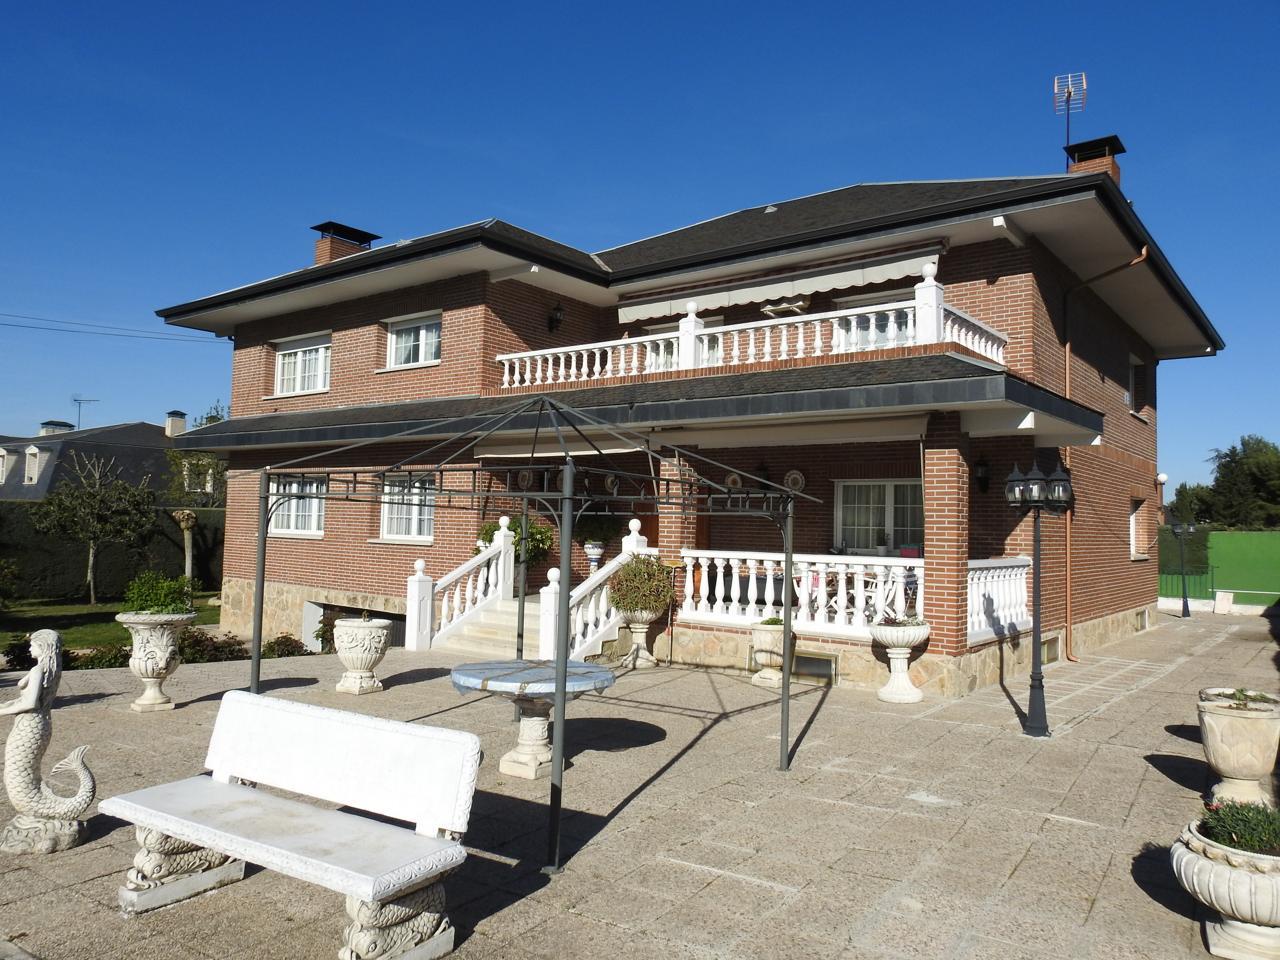 Casa chalet en venta en villaviciosa de od n de 600 m2 - Chalet villaviciosa de odon ...